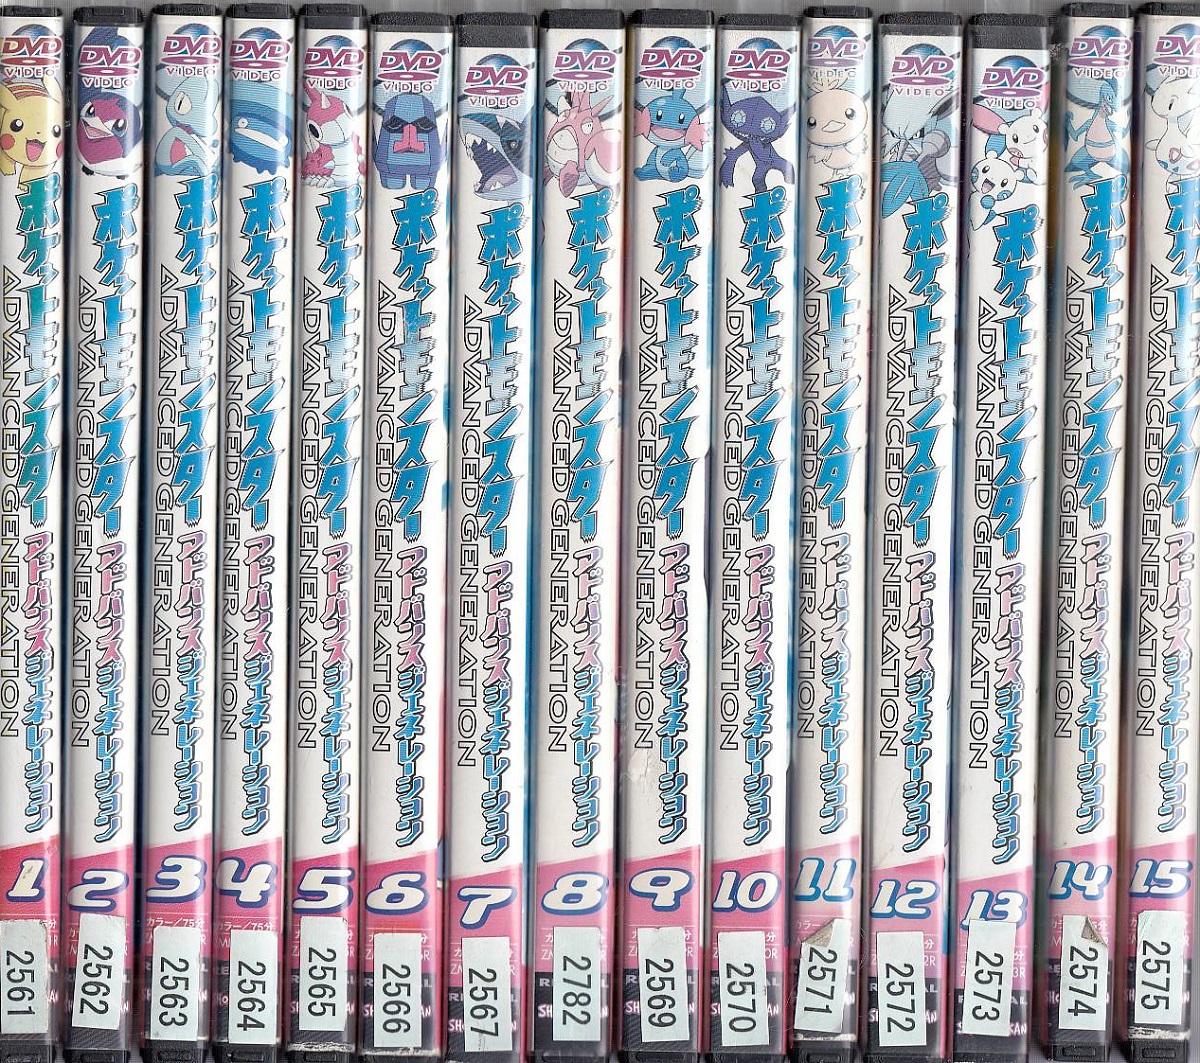 トールケースへ入れ替えて発送 全品送料無料 ポイント10倍 ポケットモンスター アドバンスジェネレーション 送料無料 全15巻セット 卓出 中古DVD レンタル落ち 市場